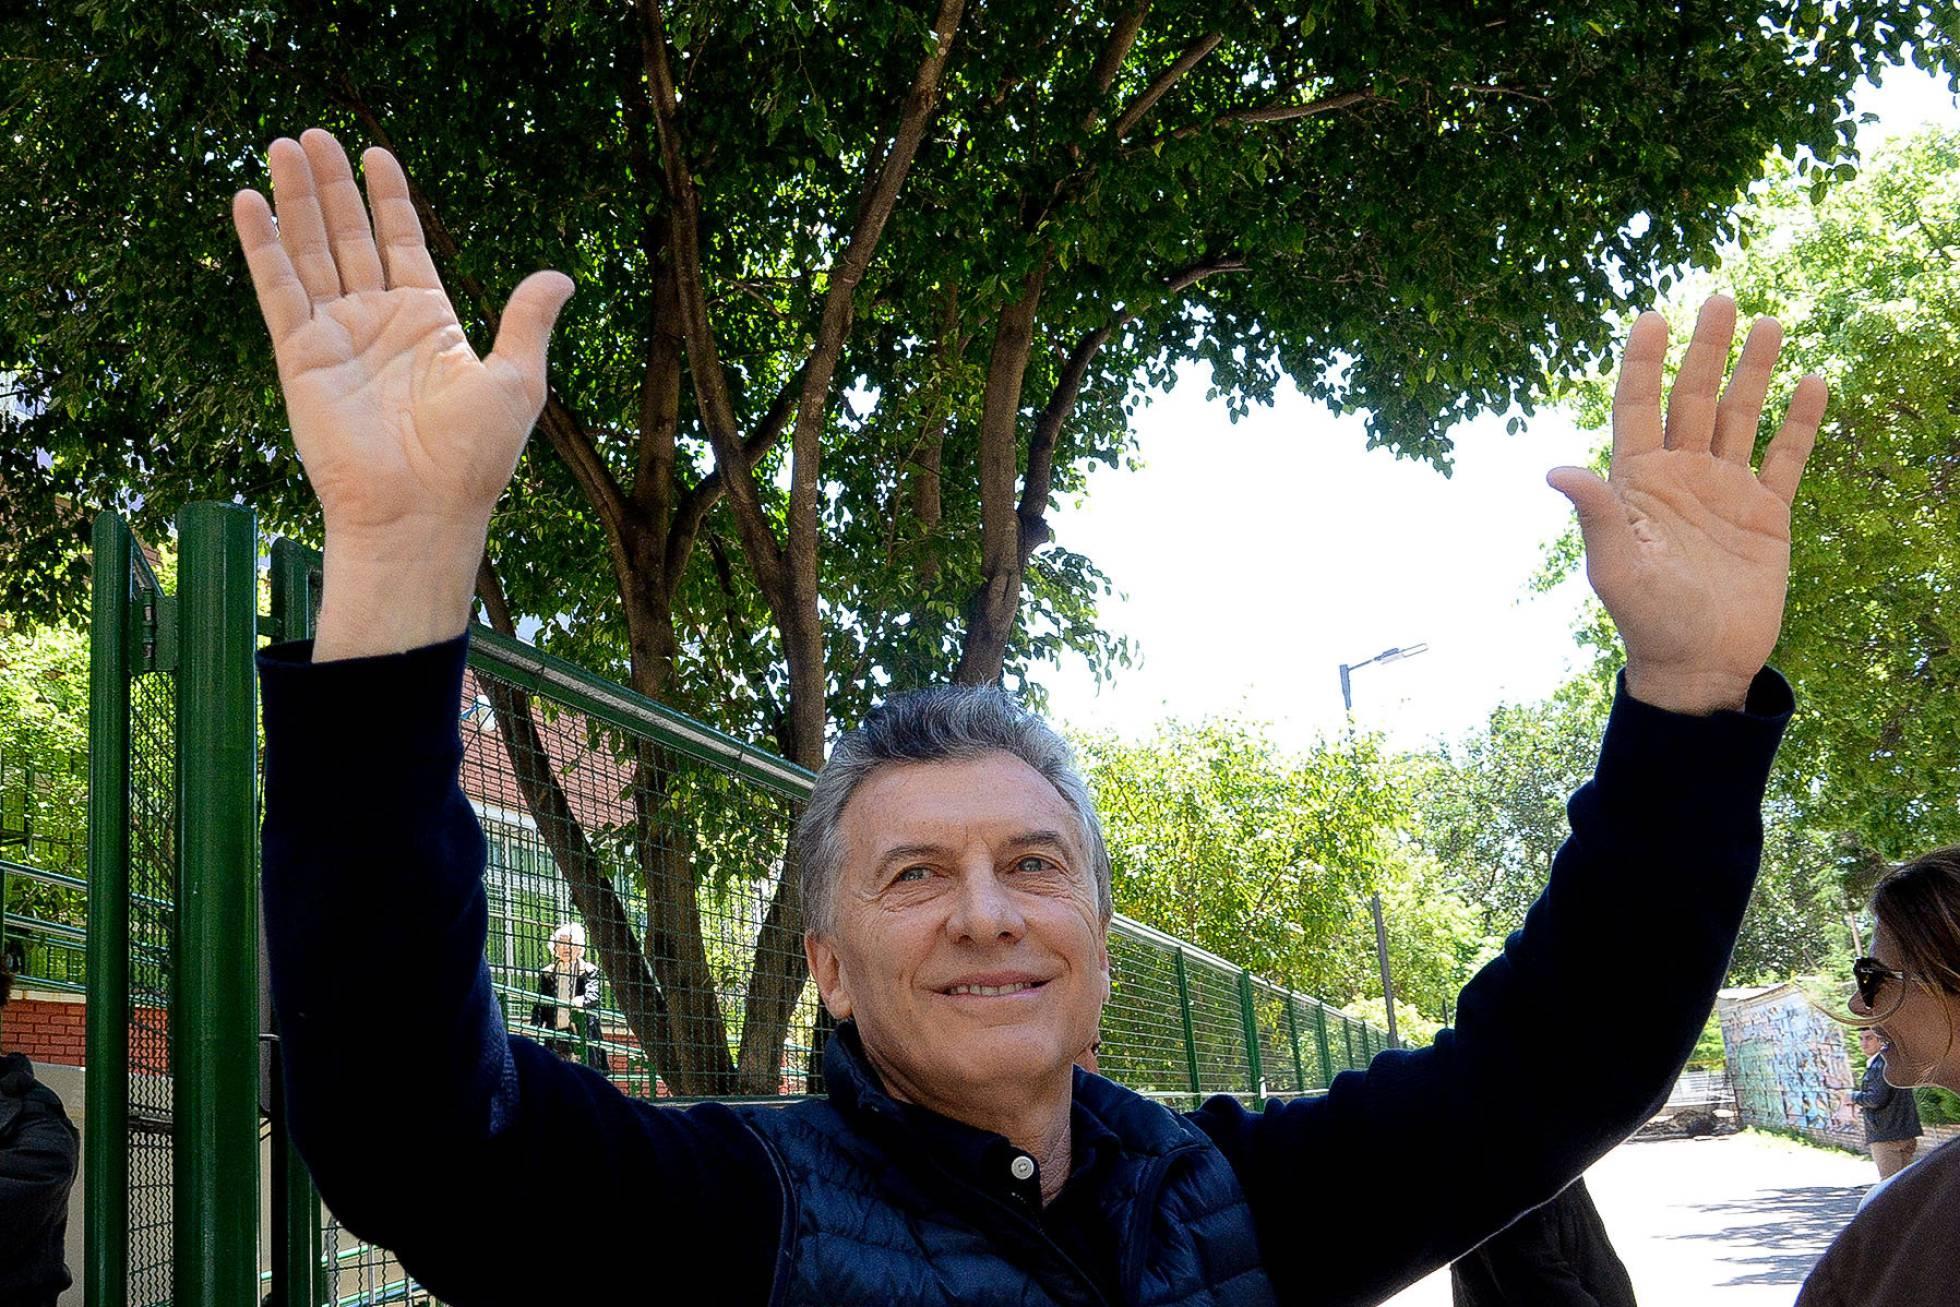 Macri vence eleições legislativas e acumula enorme poder na Argentina.